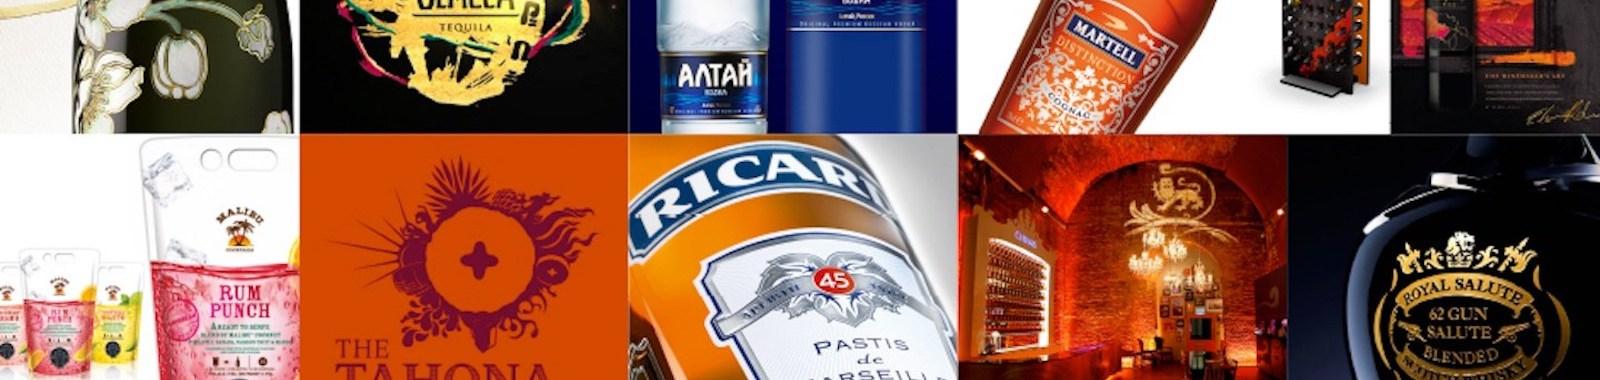 1471273941_Pernod_Ricard_1600